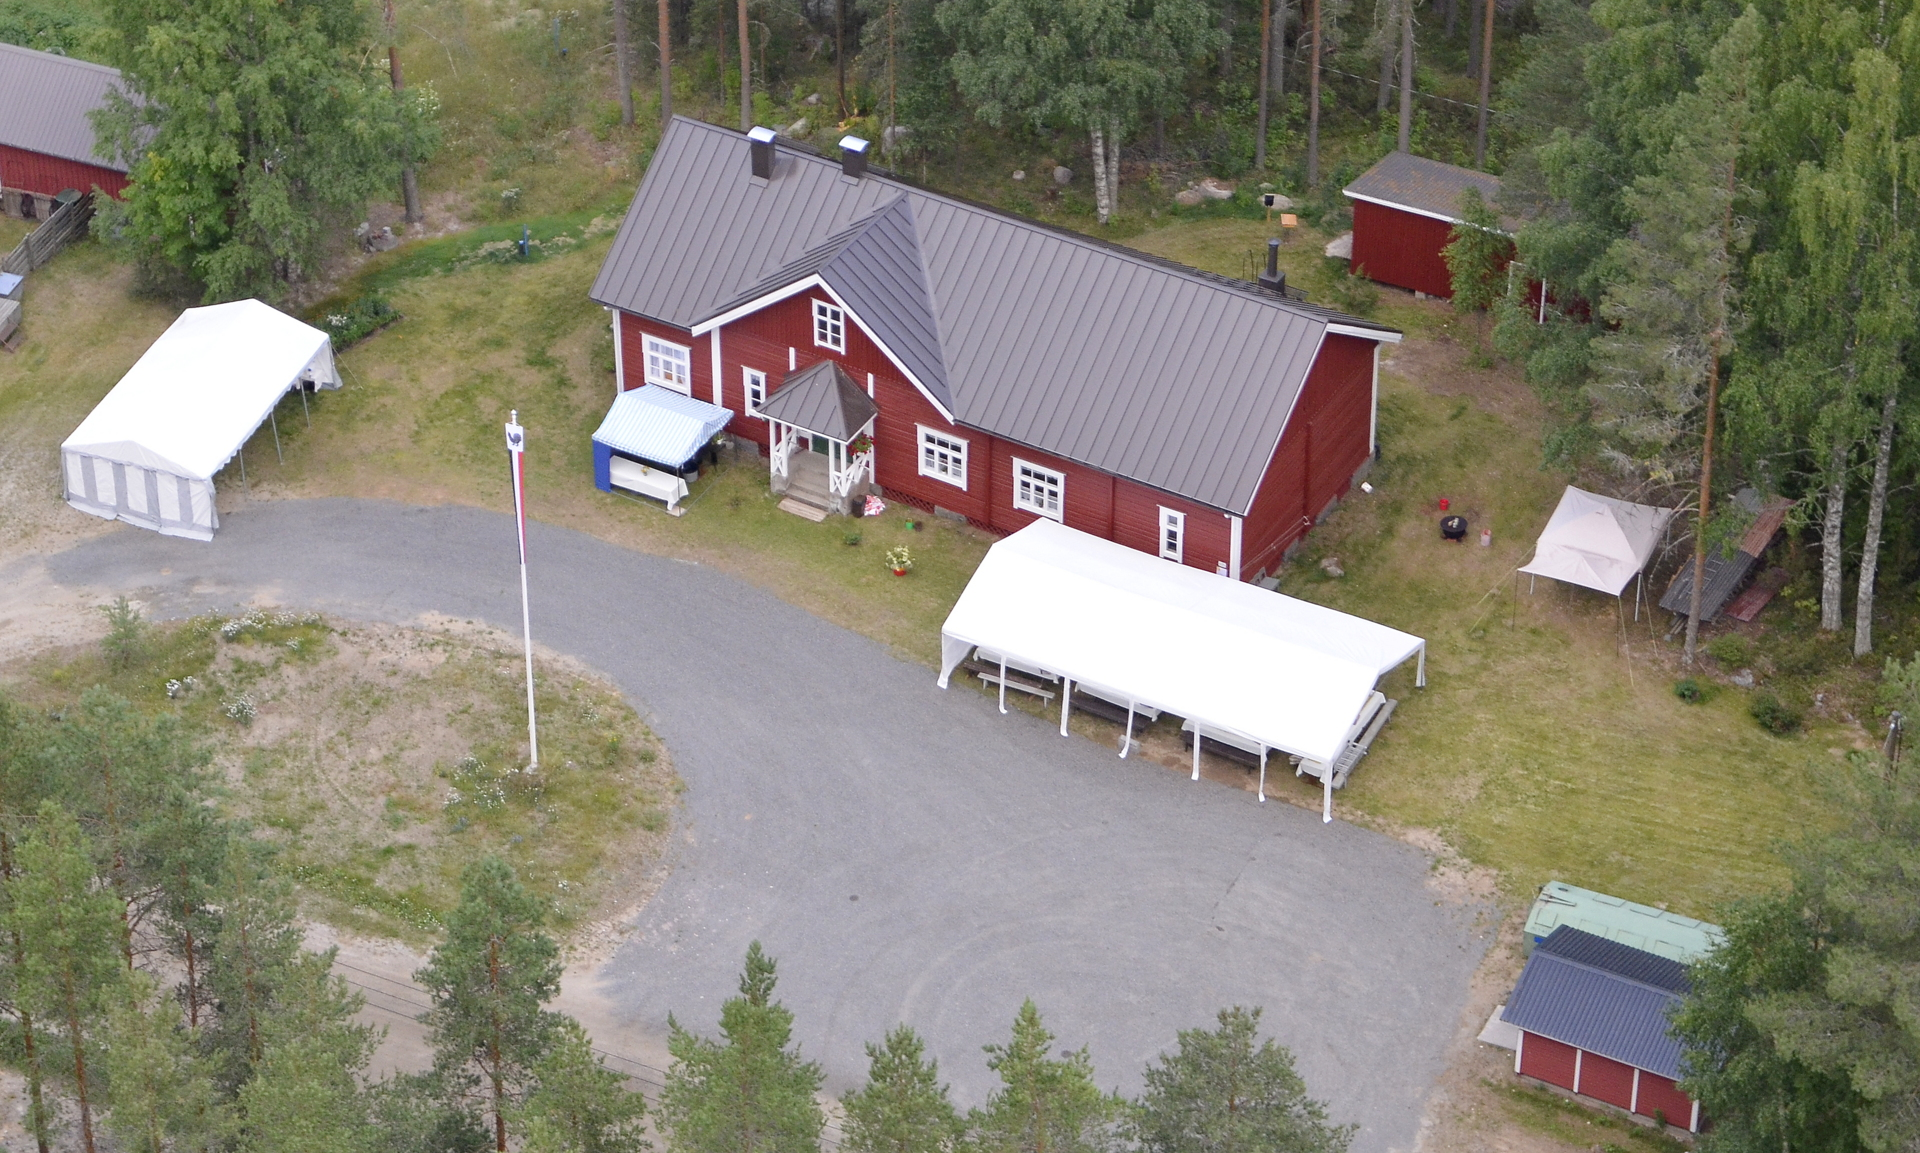 Pasala Viitakankaan kyläseuran talo kunnostettuna valmiina kyläjuhlaan ja kyläkirjan julkistukseen.